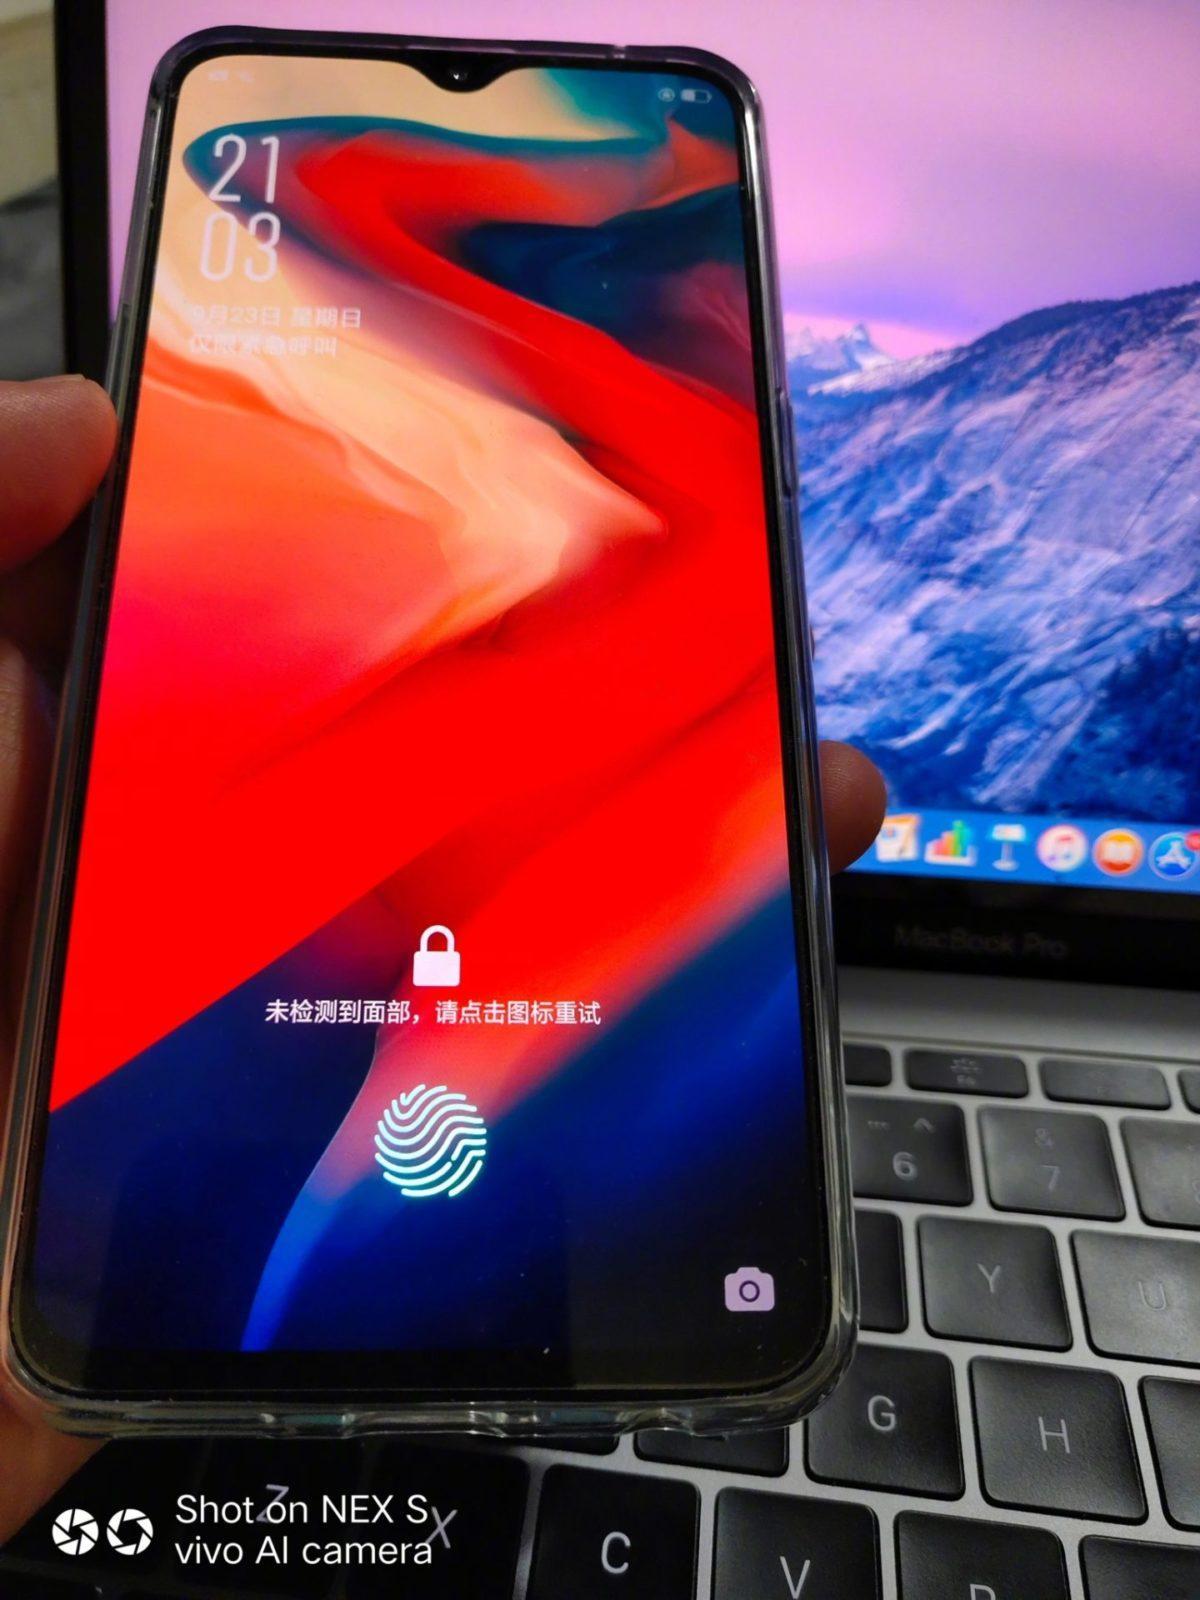 OnePlus 6T si mostra dal vivo, ma forse non è lui | Evosmart.it